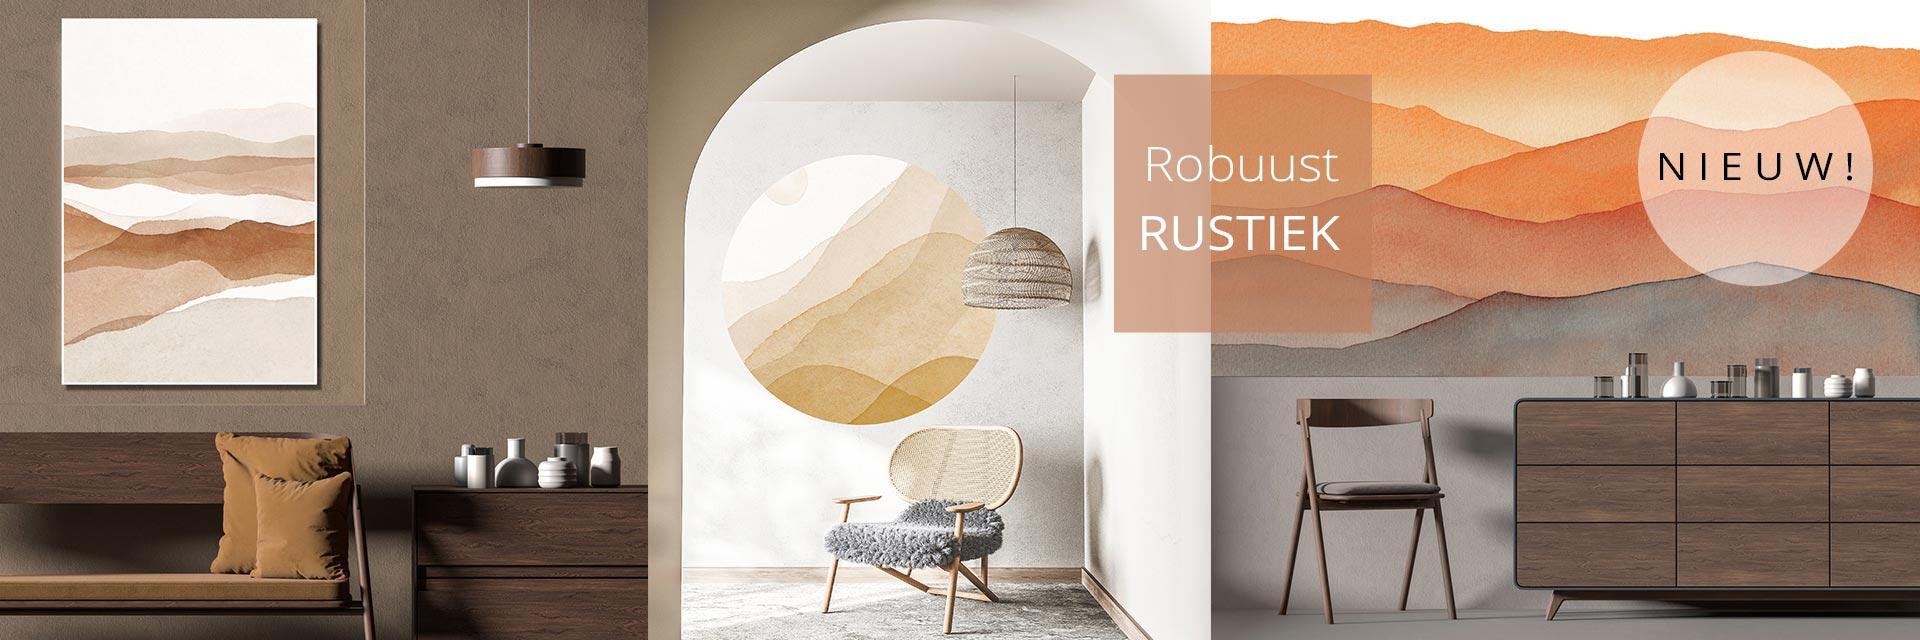 rustiek-interieur